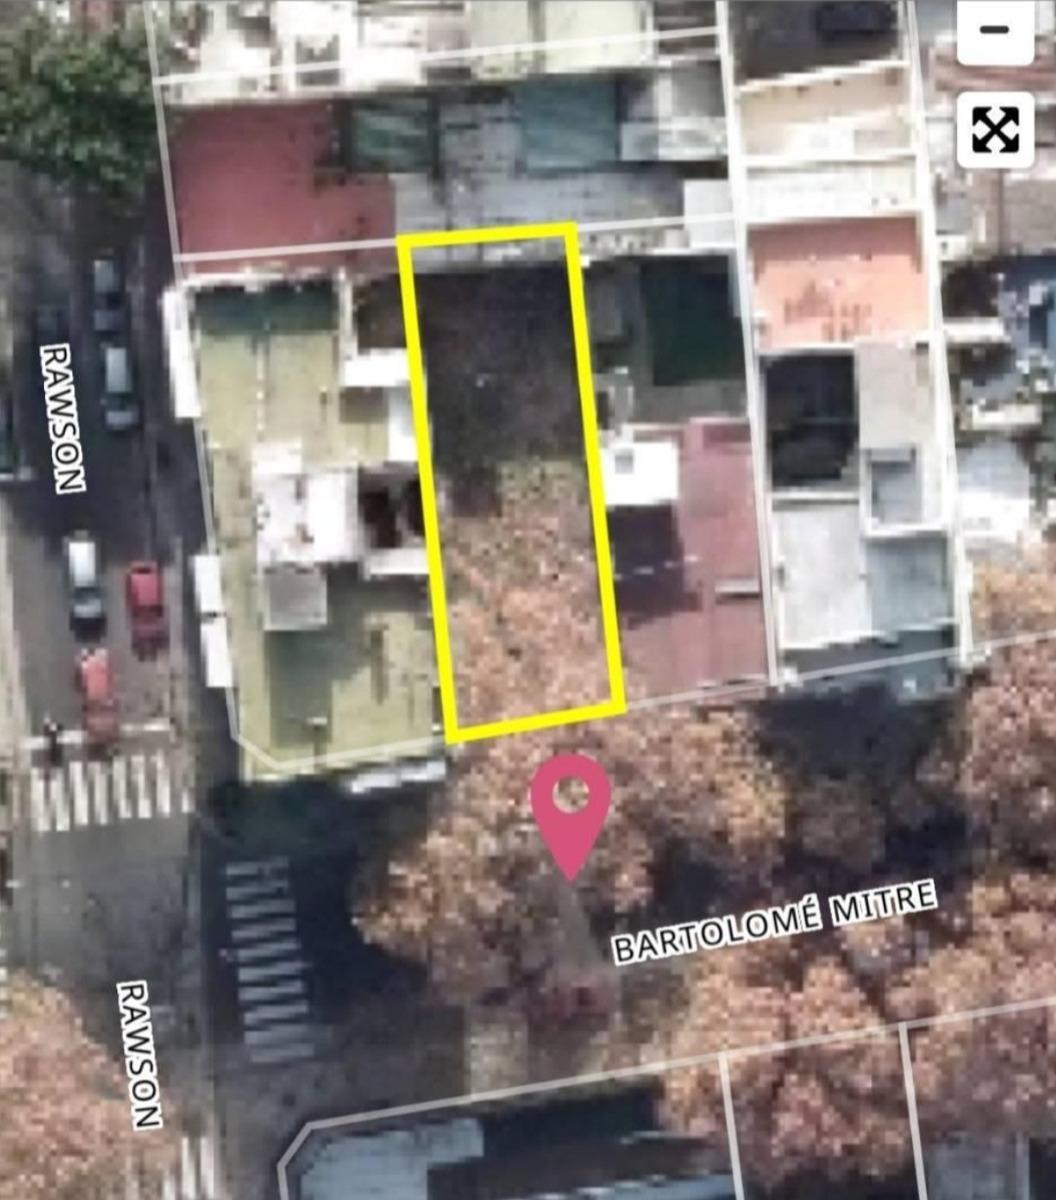 almagro lote p/construccion 1087m2 vendibles(inmobiliaria)